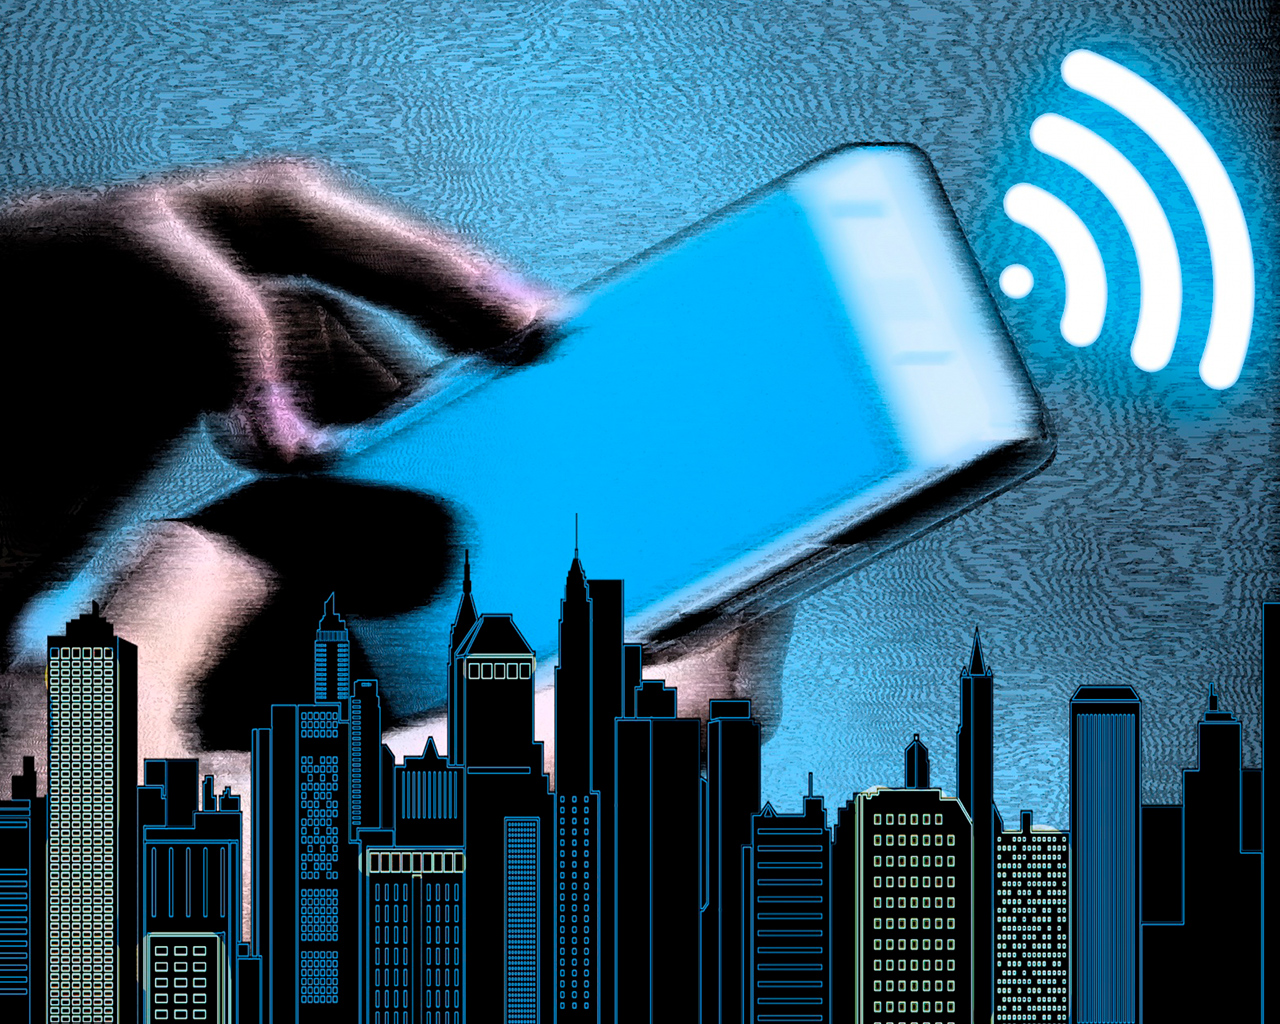 Plantean que ciudades deberían avanzar en proyectos  de Smart City y Wi-Fi abierto